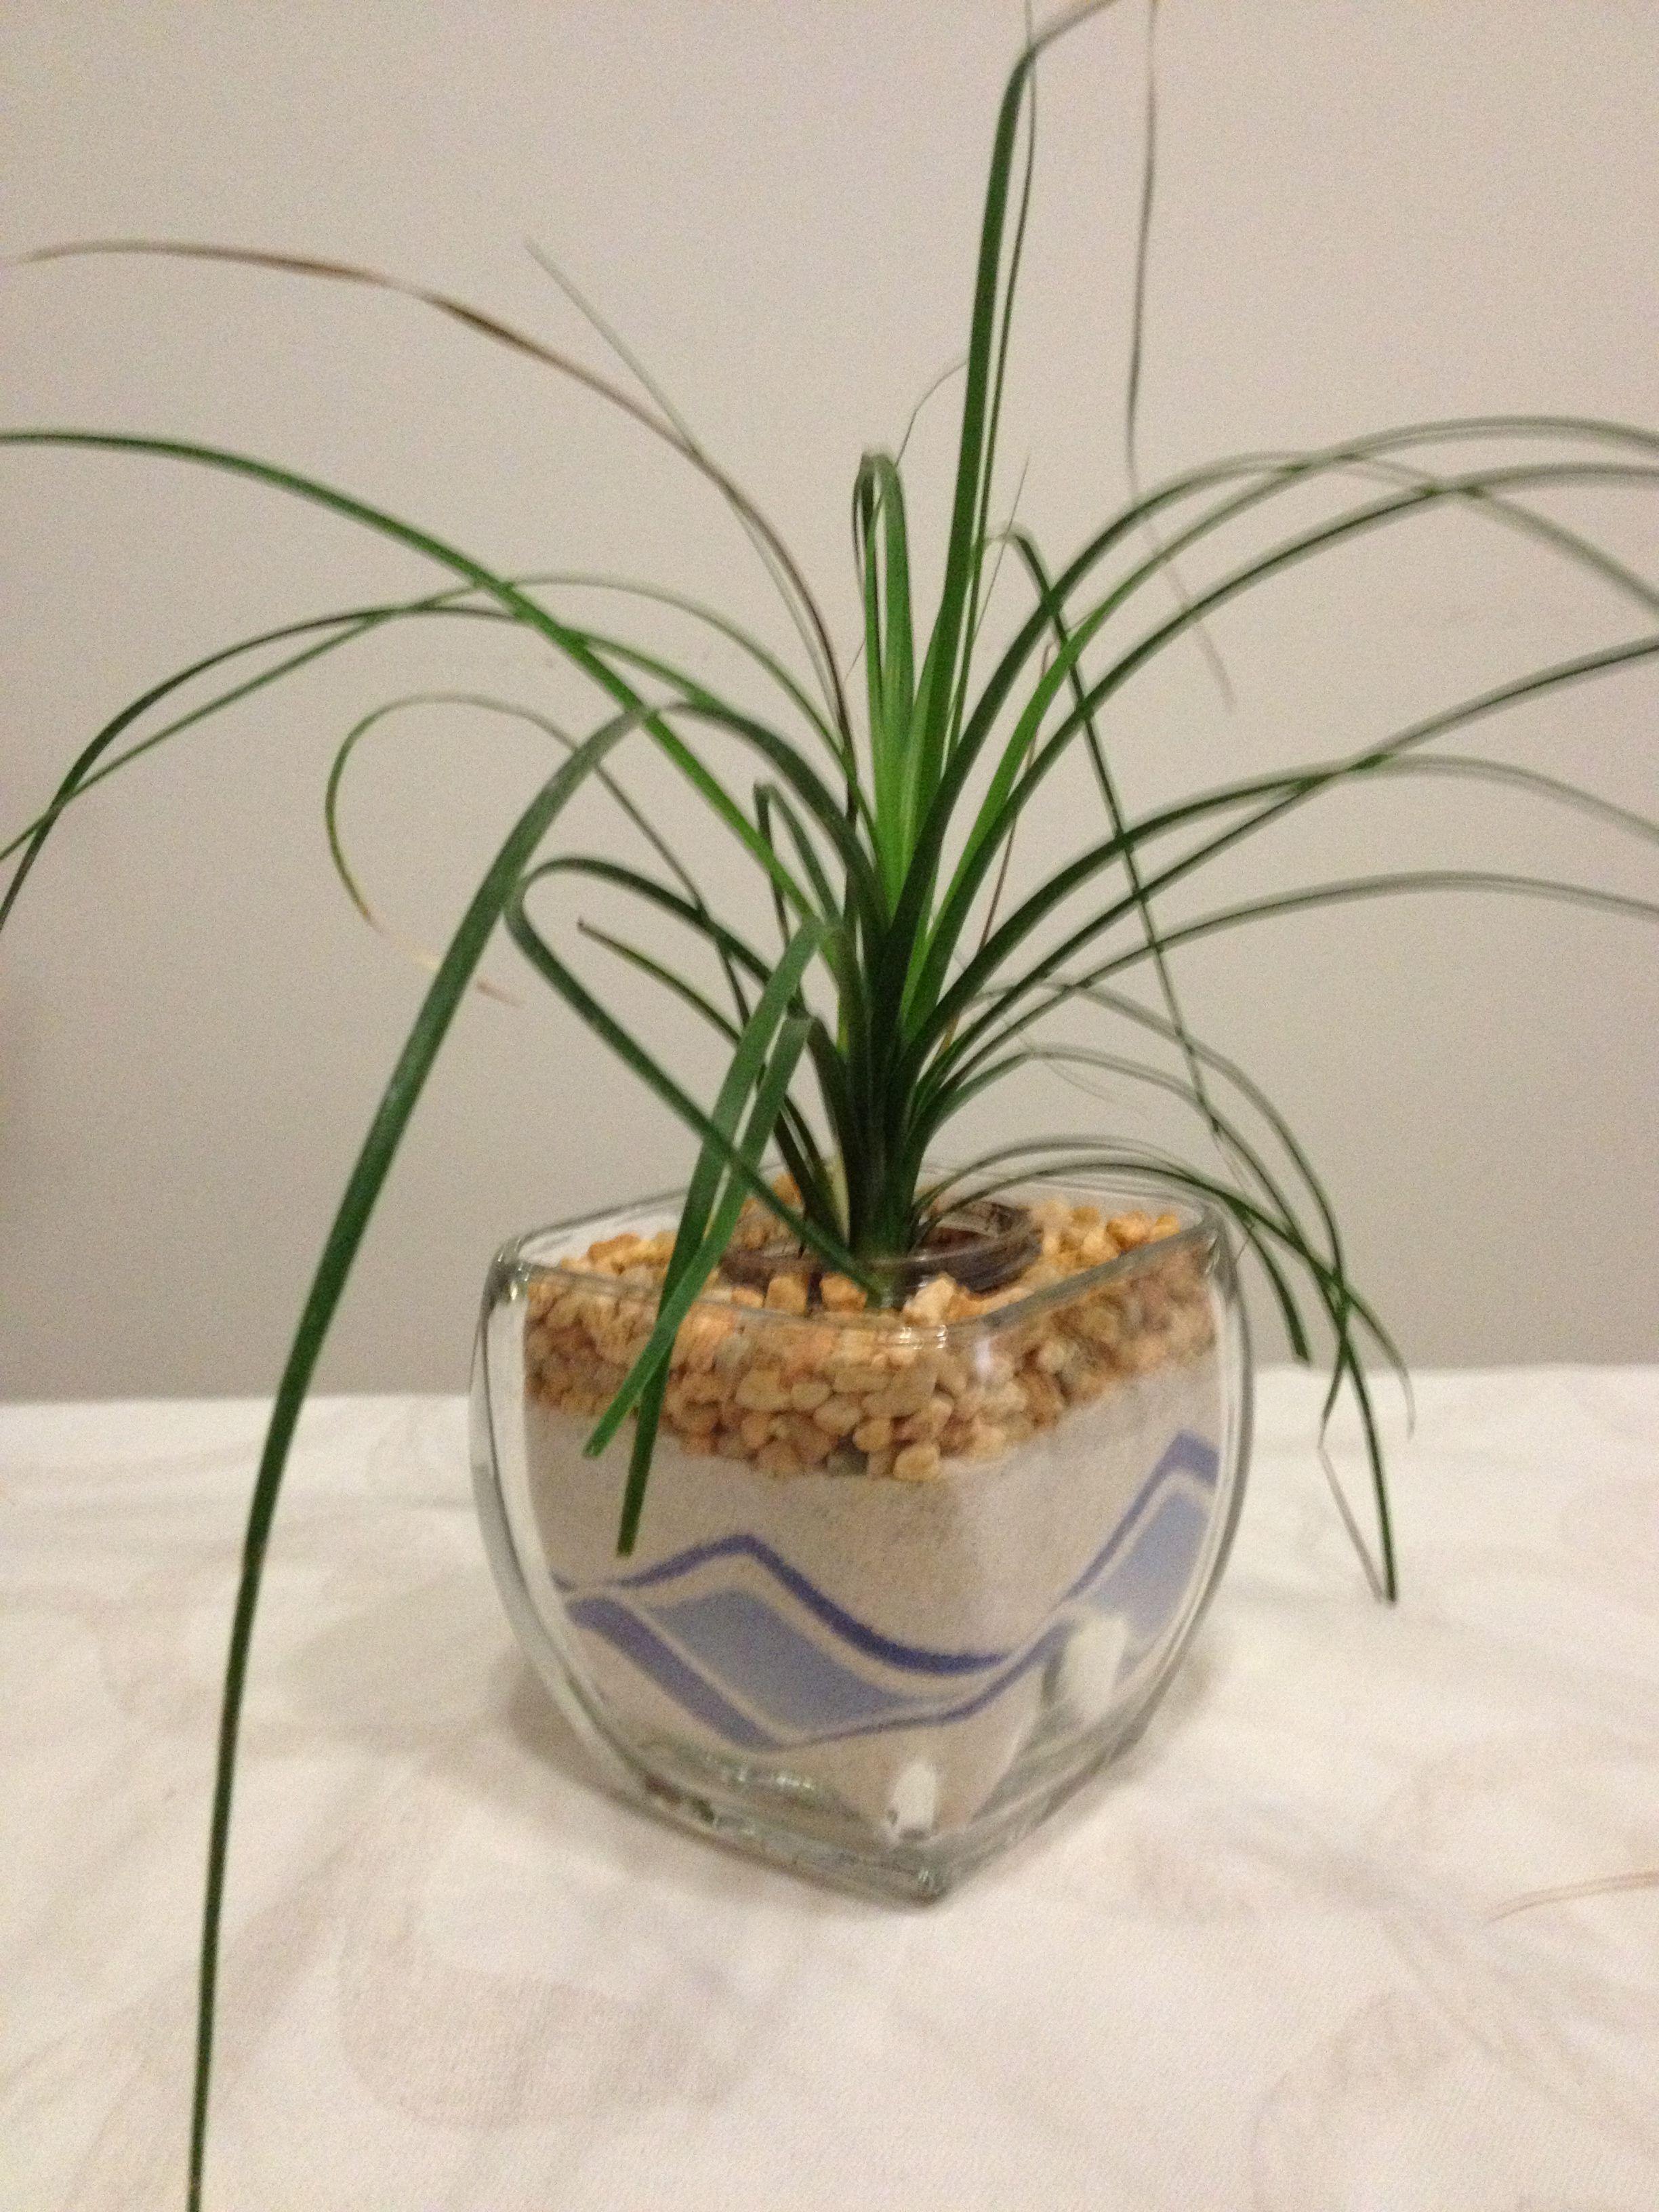 Pata de elefante planta de interiores f cil de cuidar green plantas de interior - Plantas interiores ...